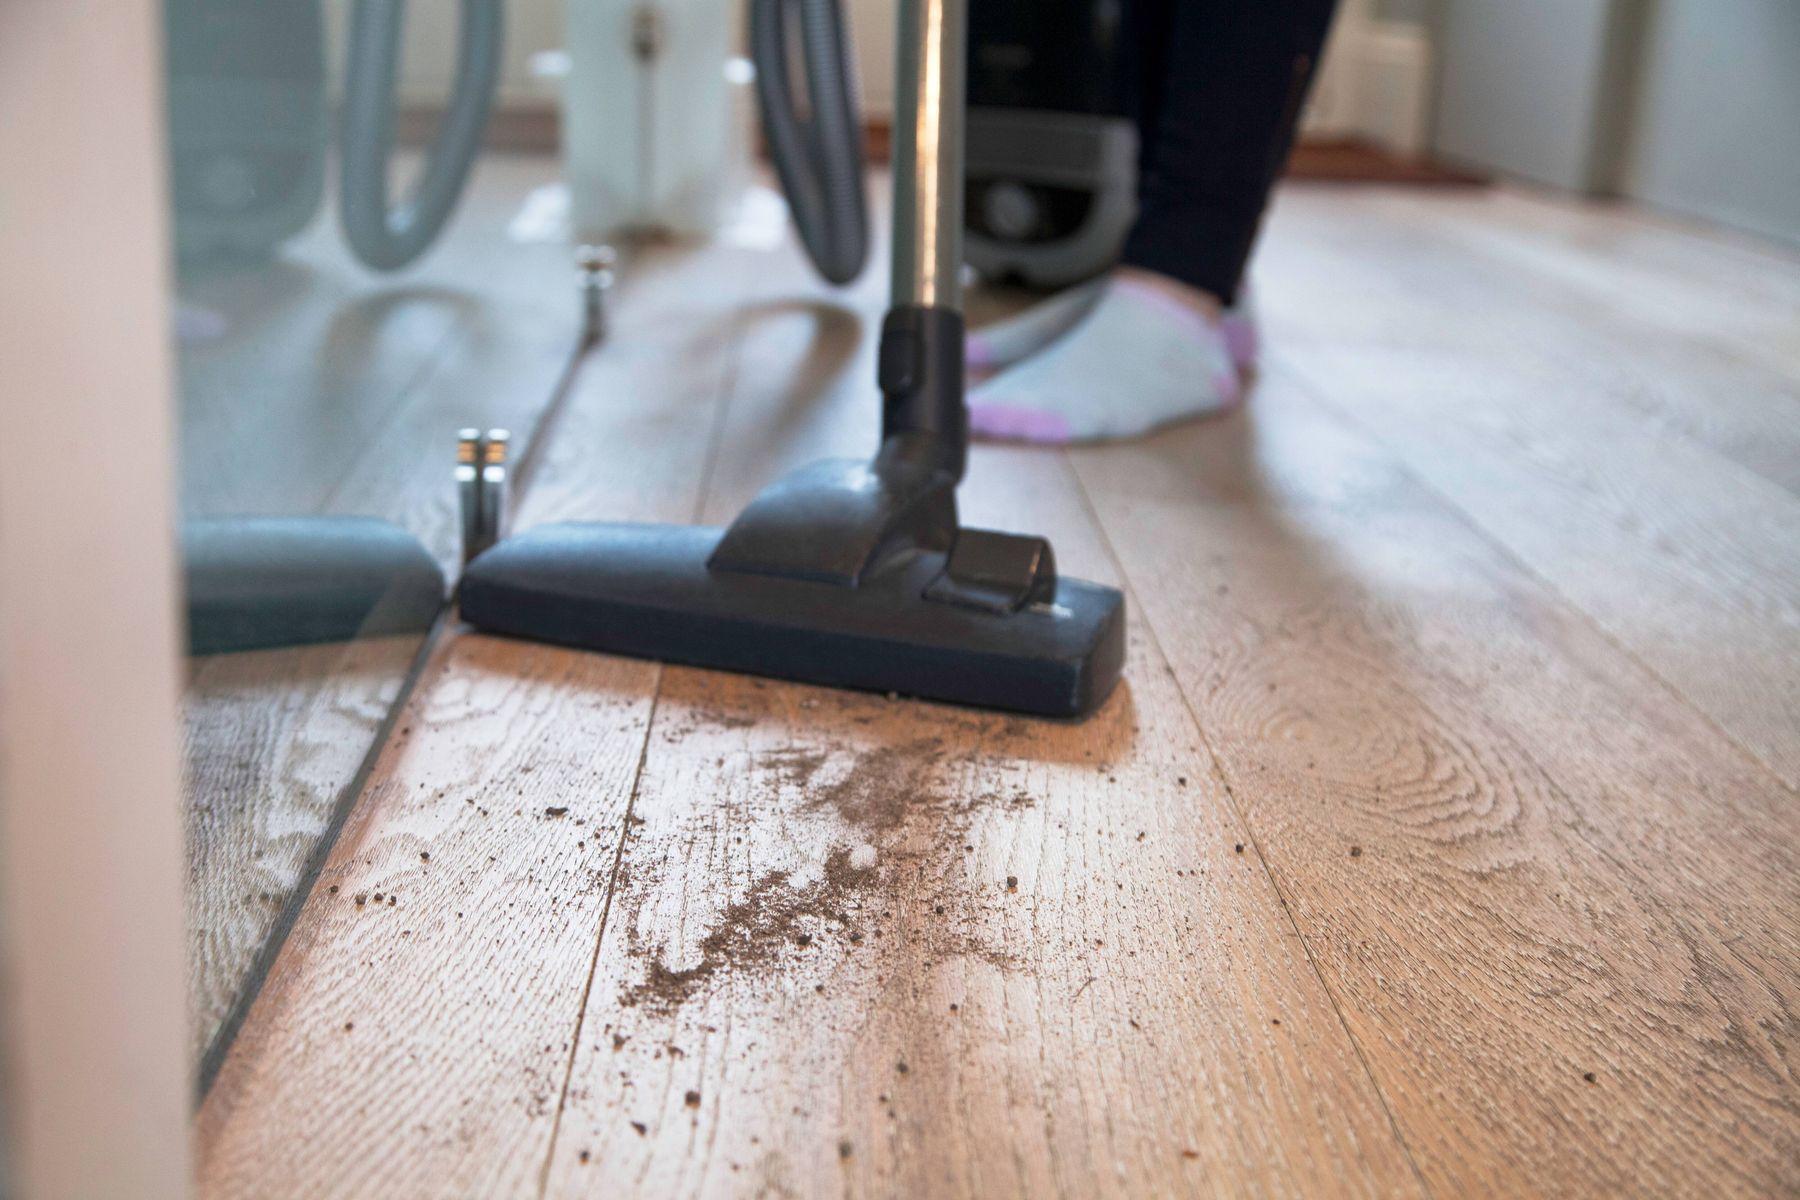 Piso de madeira sendo limpo com vassoura mop